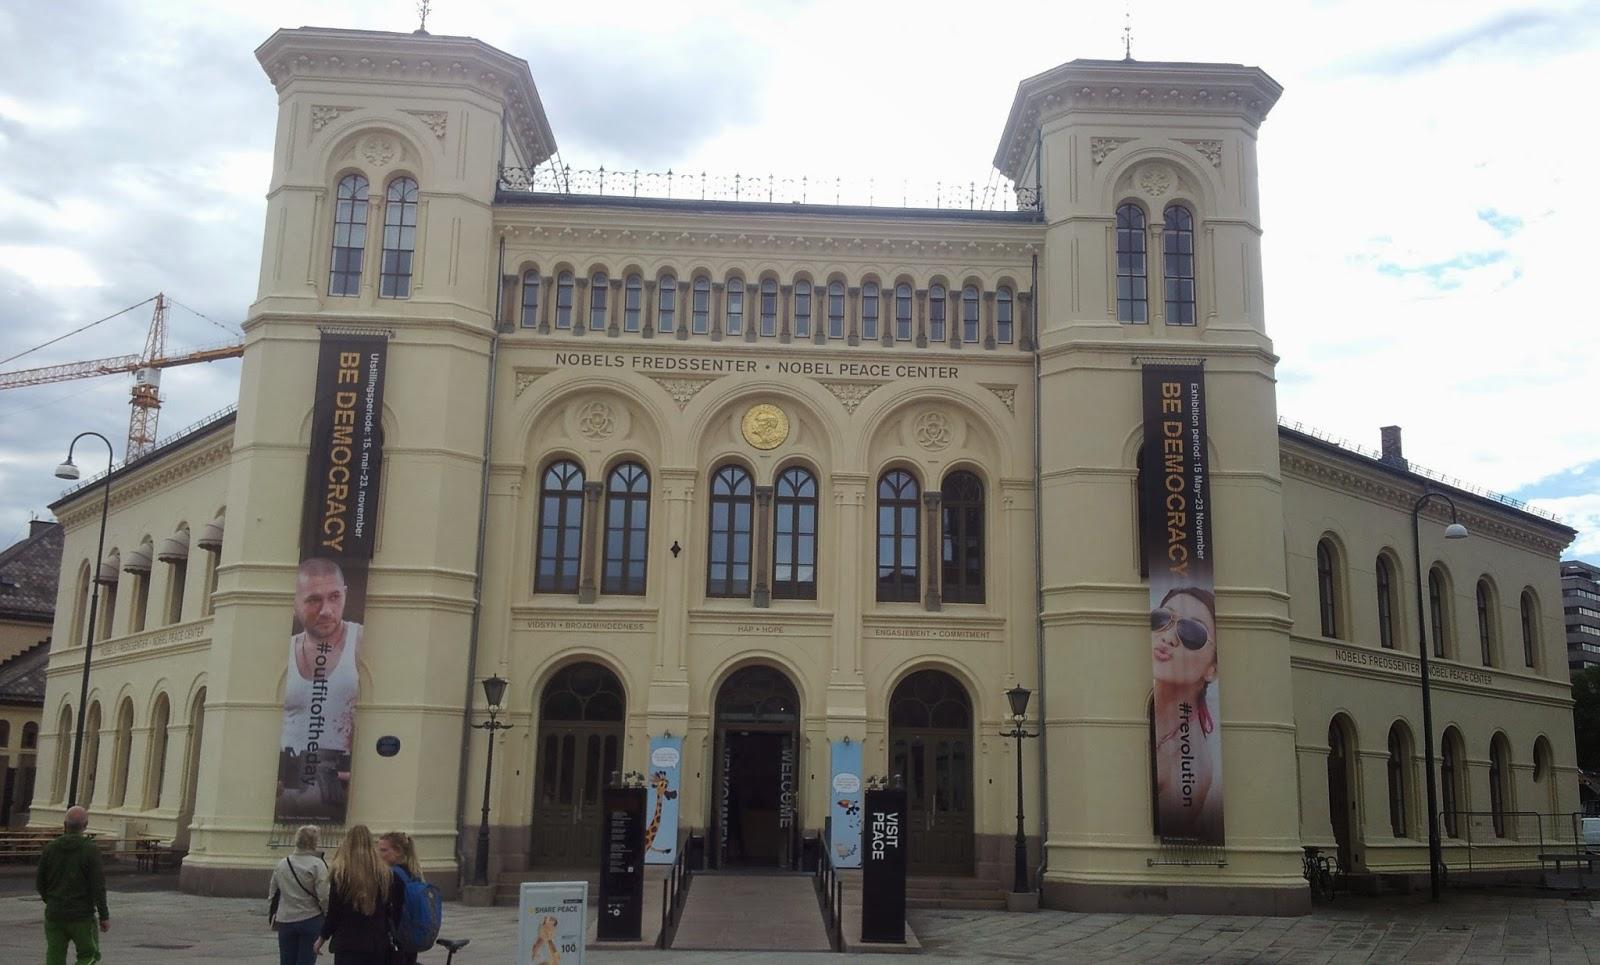 Centrul Nobel